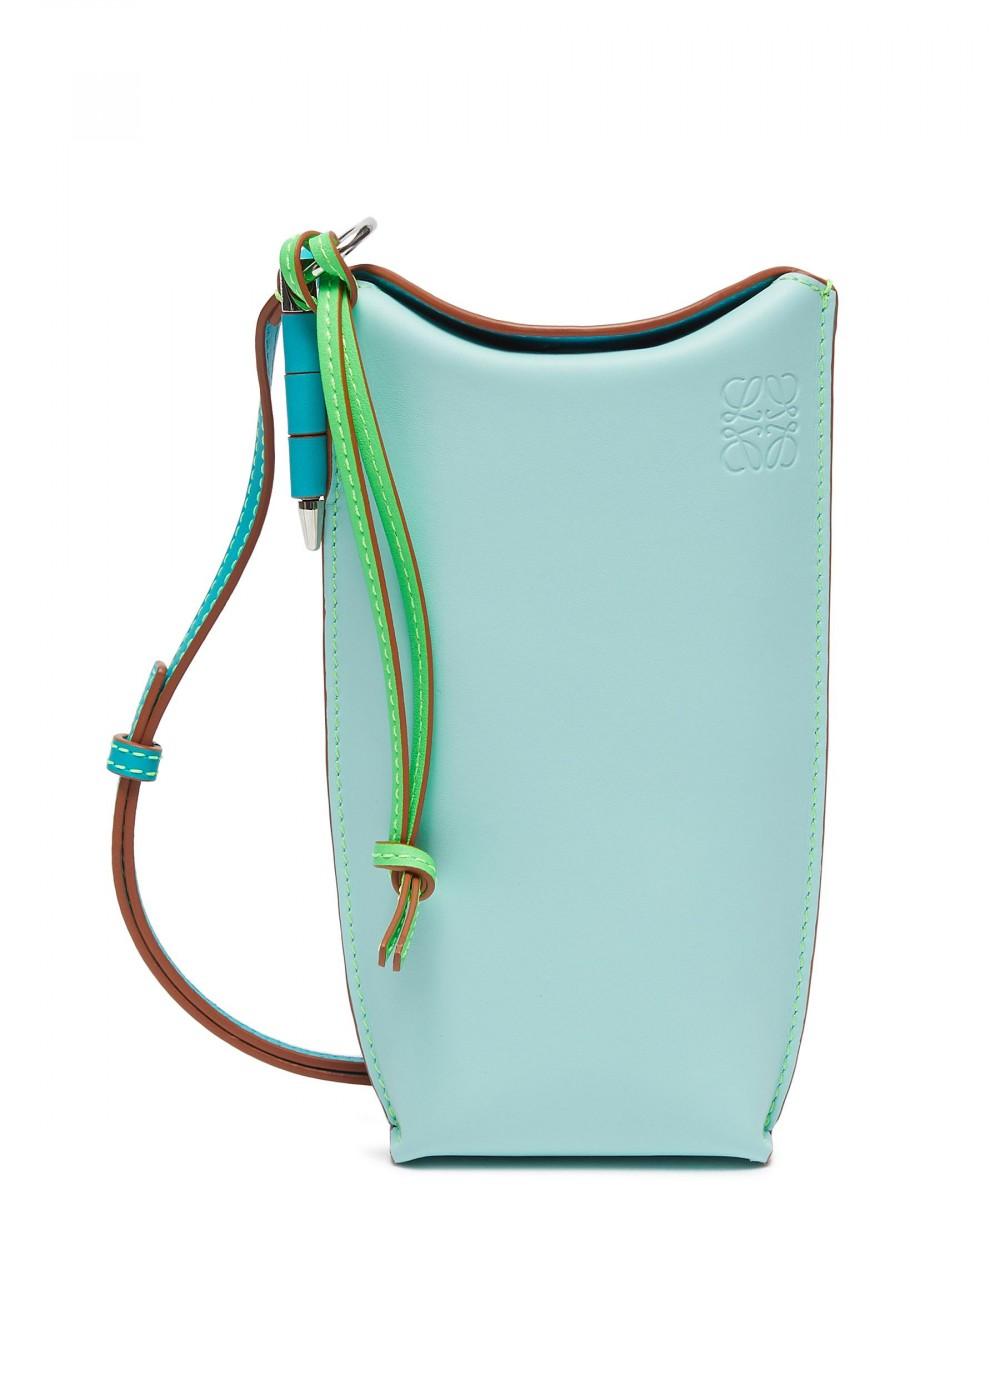 精選8款名牌人氣Phone Bag CP值極高的不過時經典款007